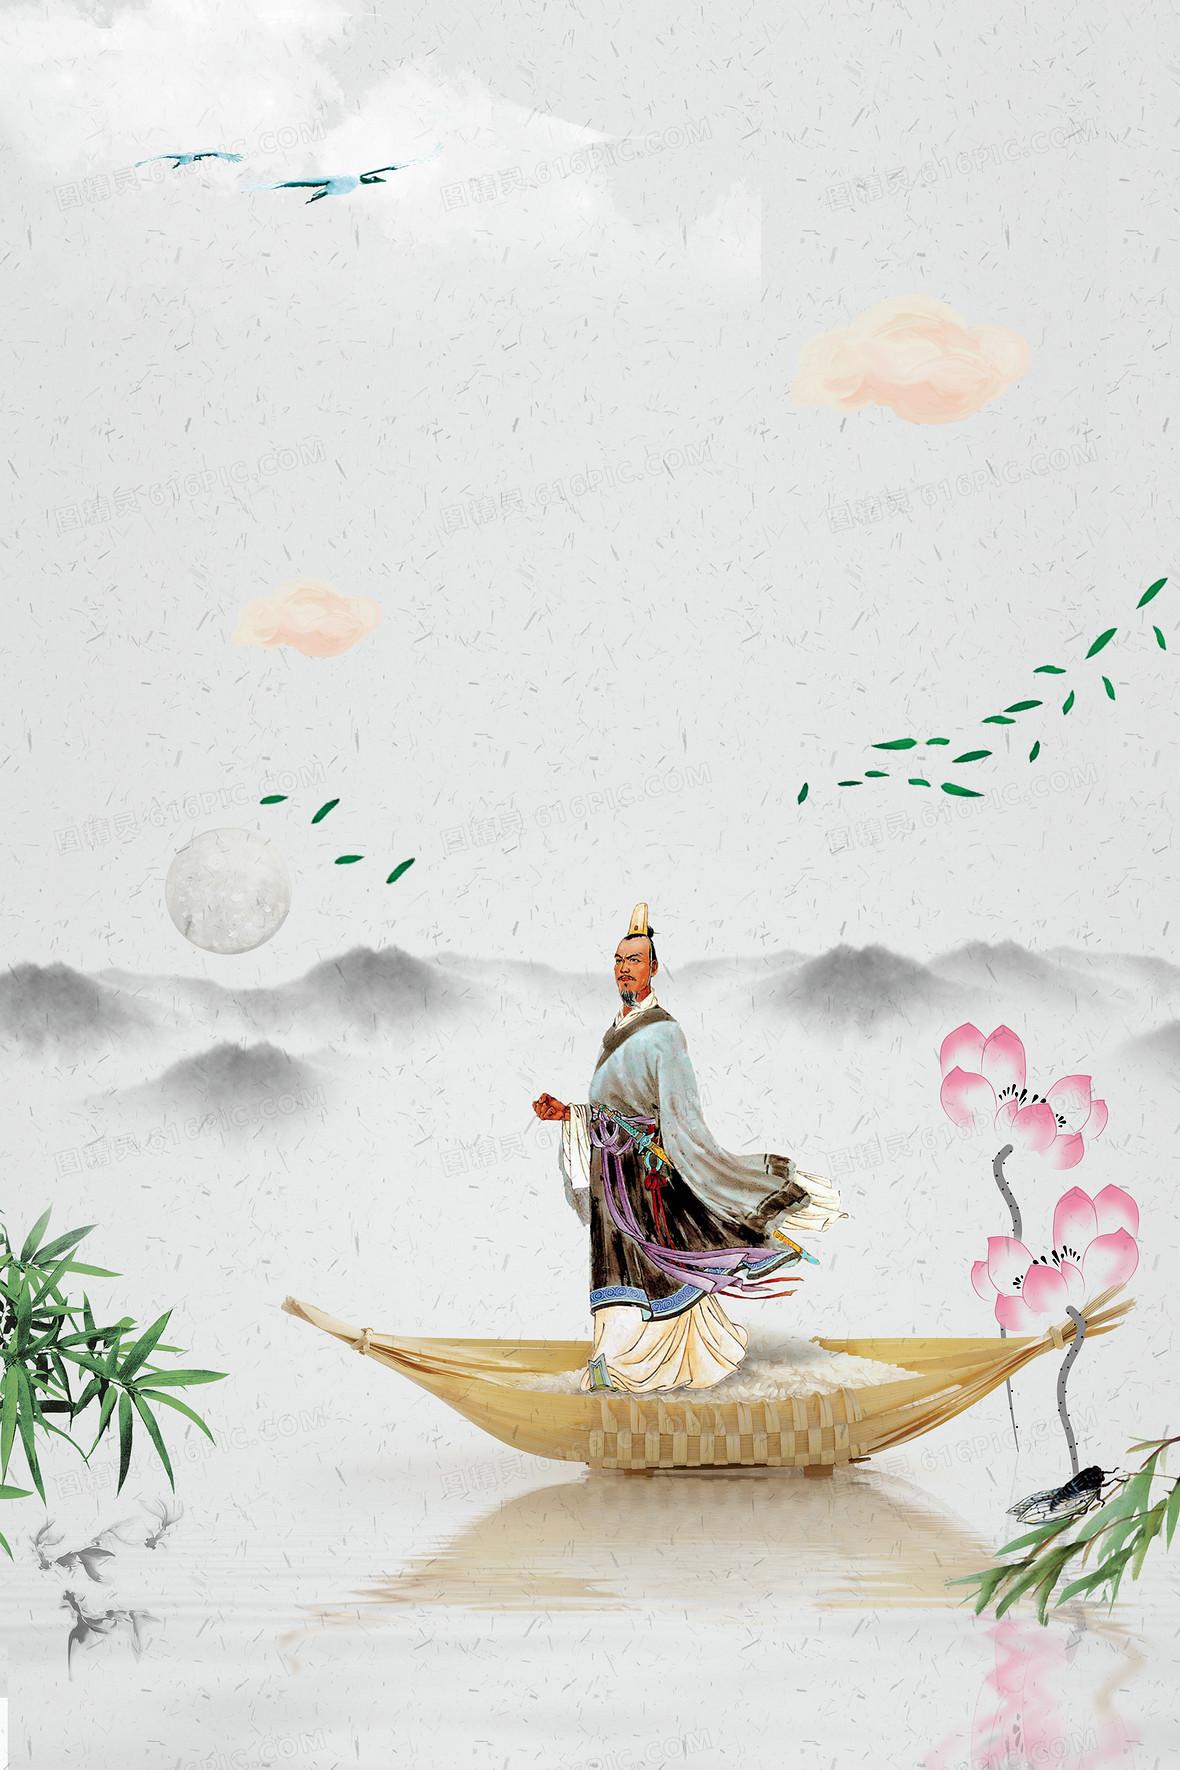 中国风古风古人意境端午节海报背景素材